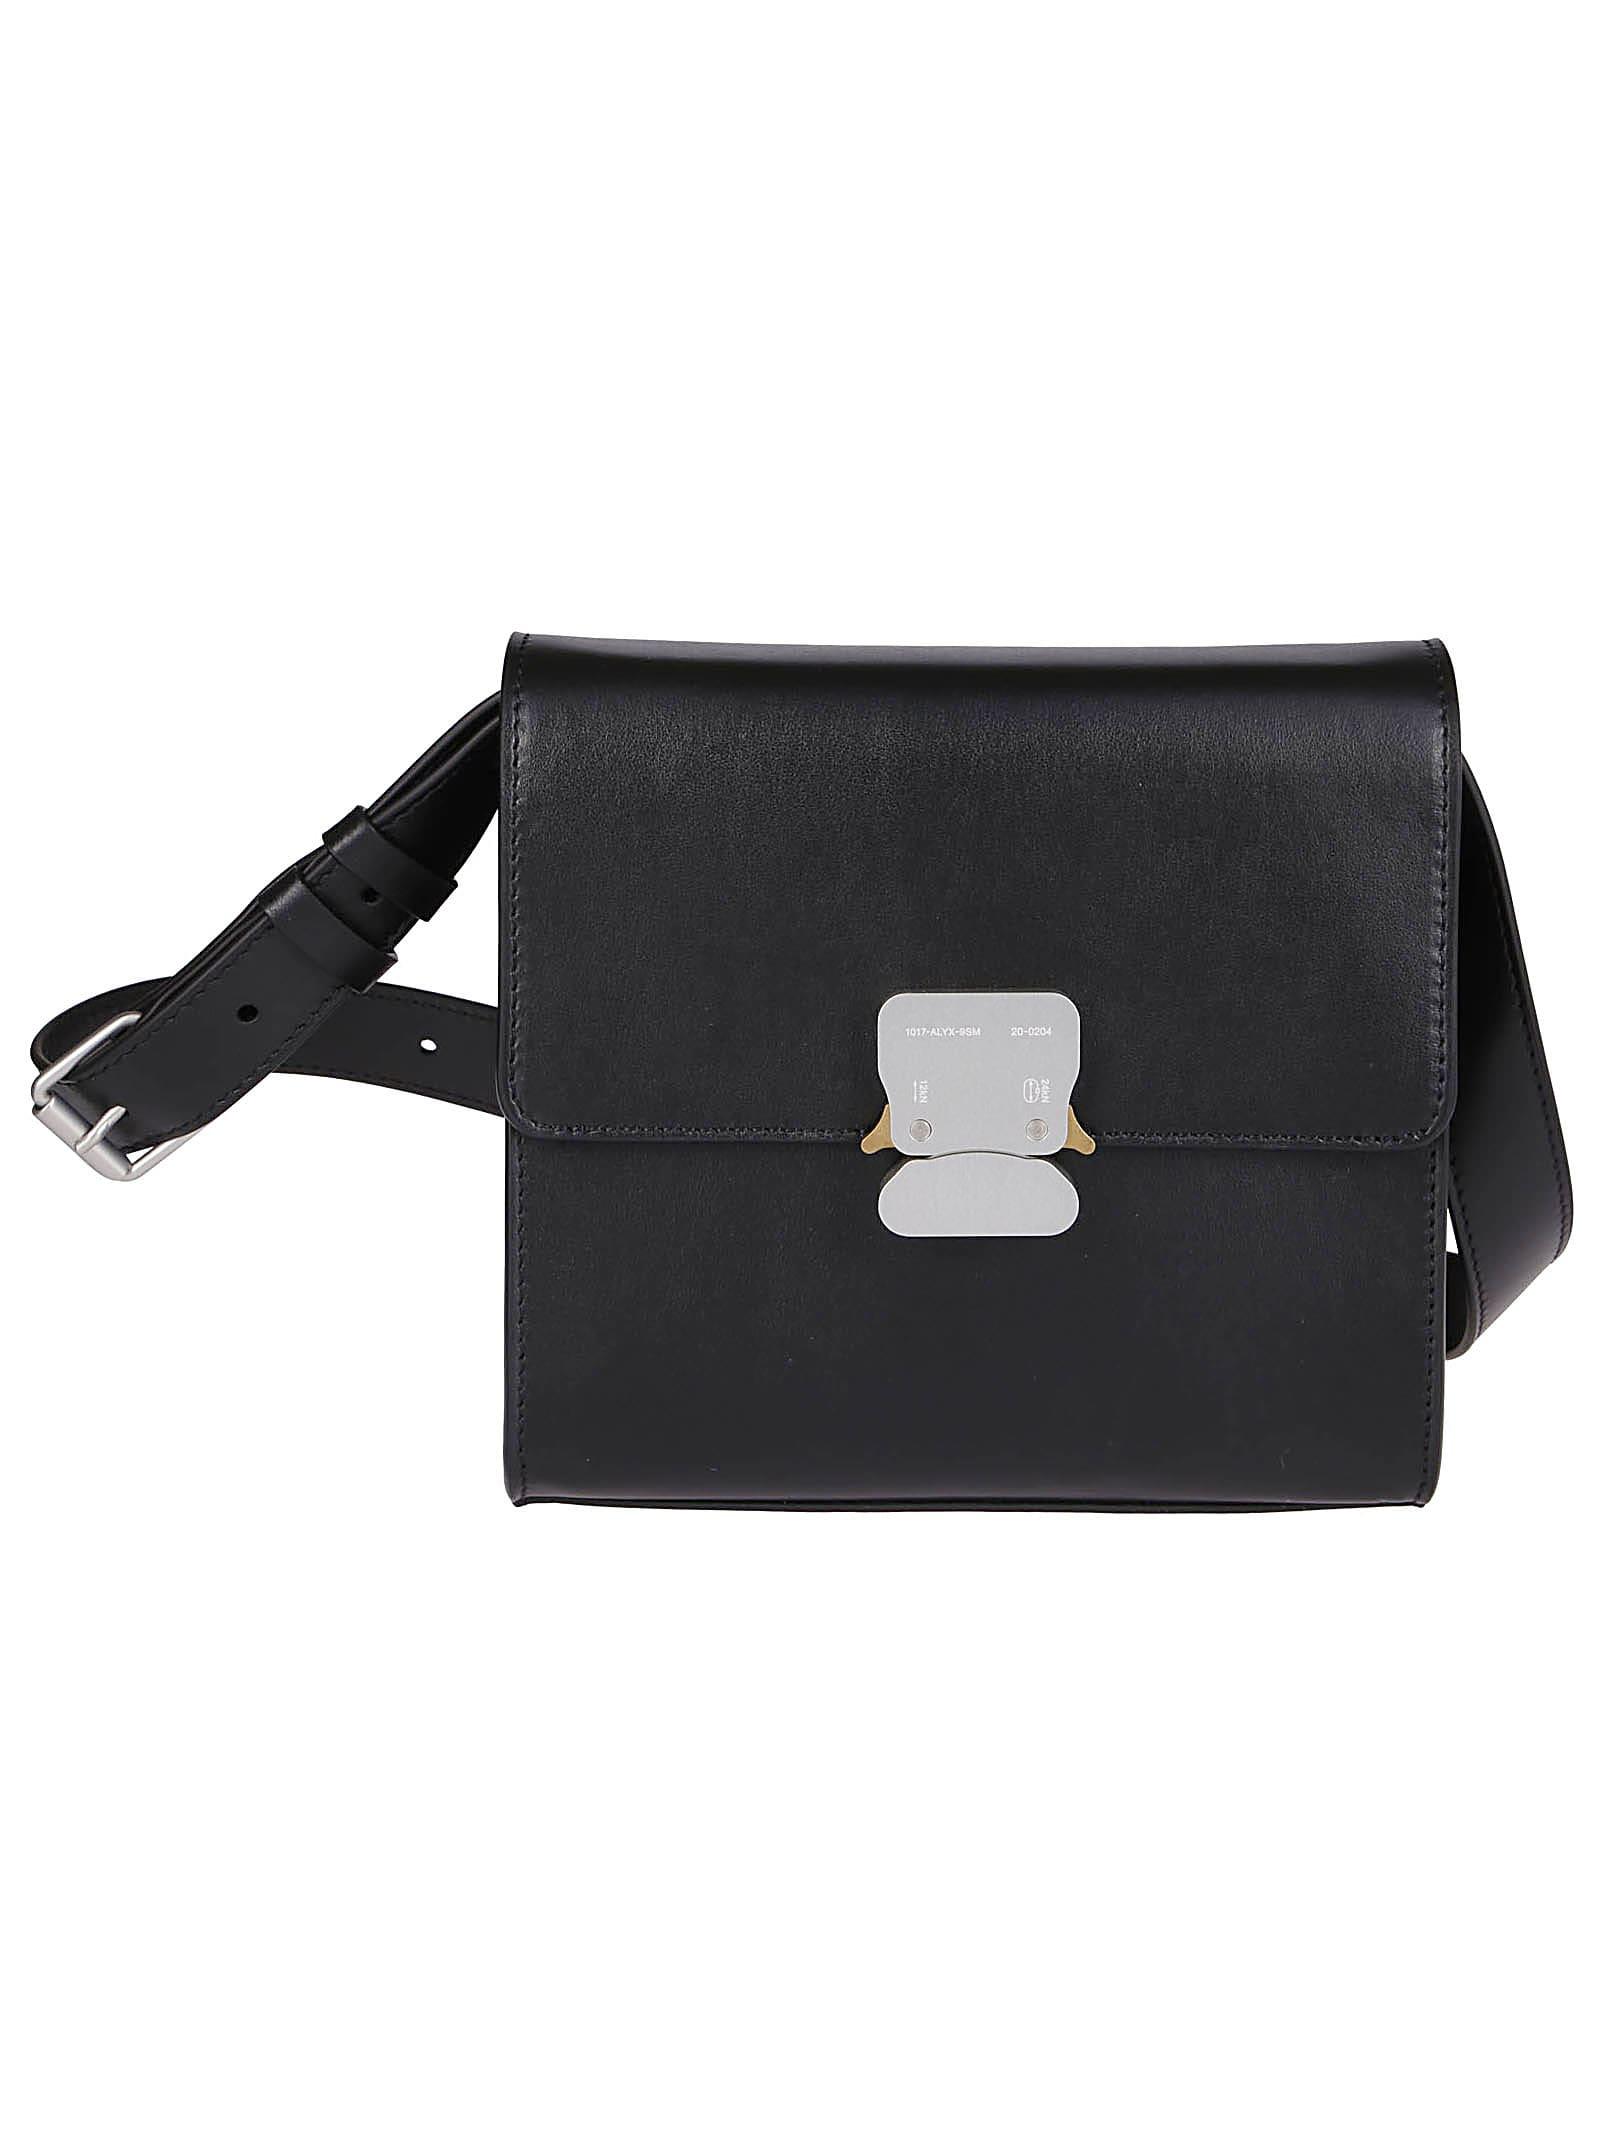 Alyx Bags BLACK LEATHER SHOULDER BAG